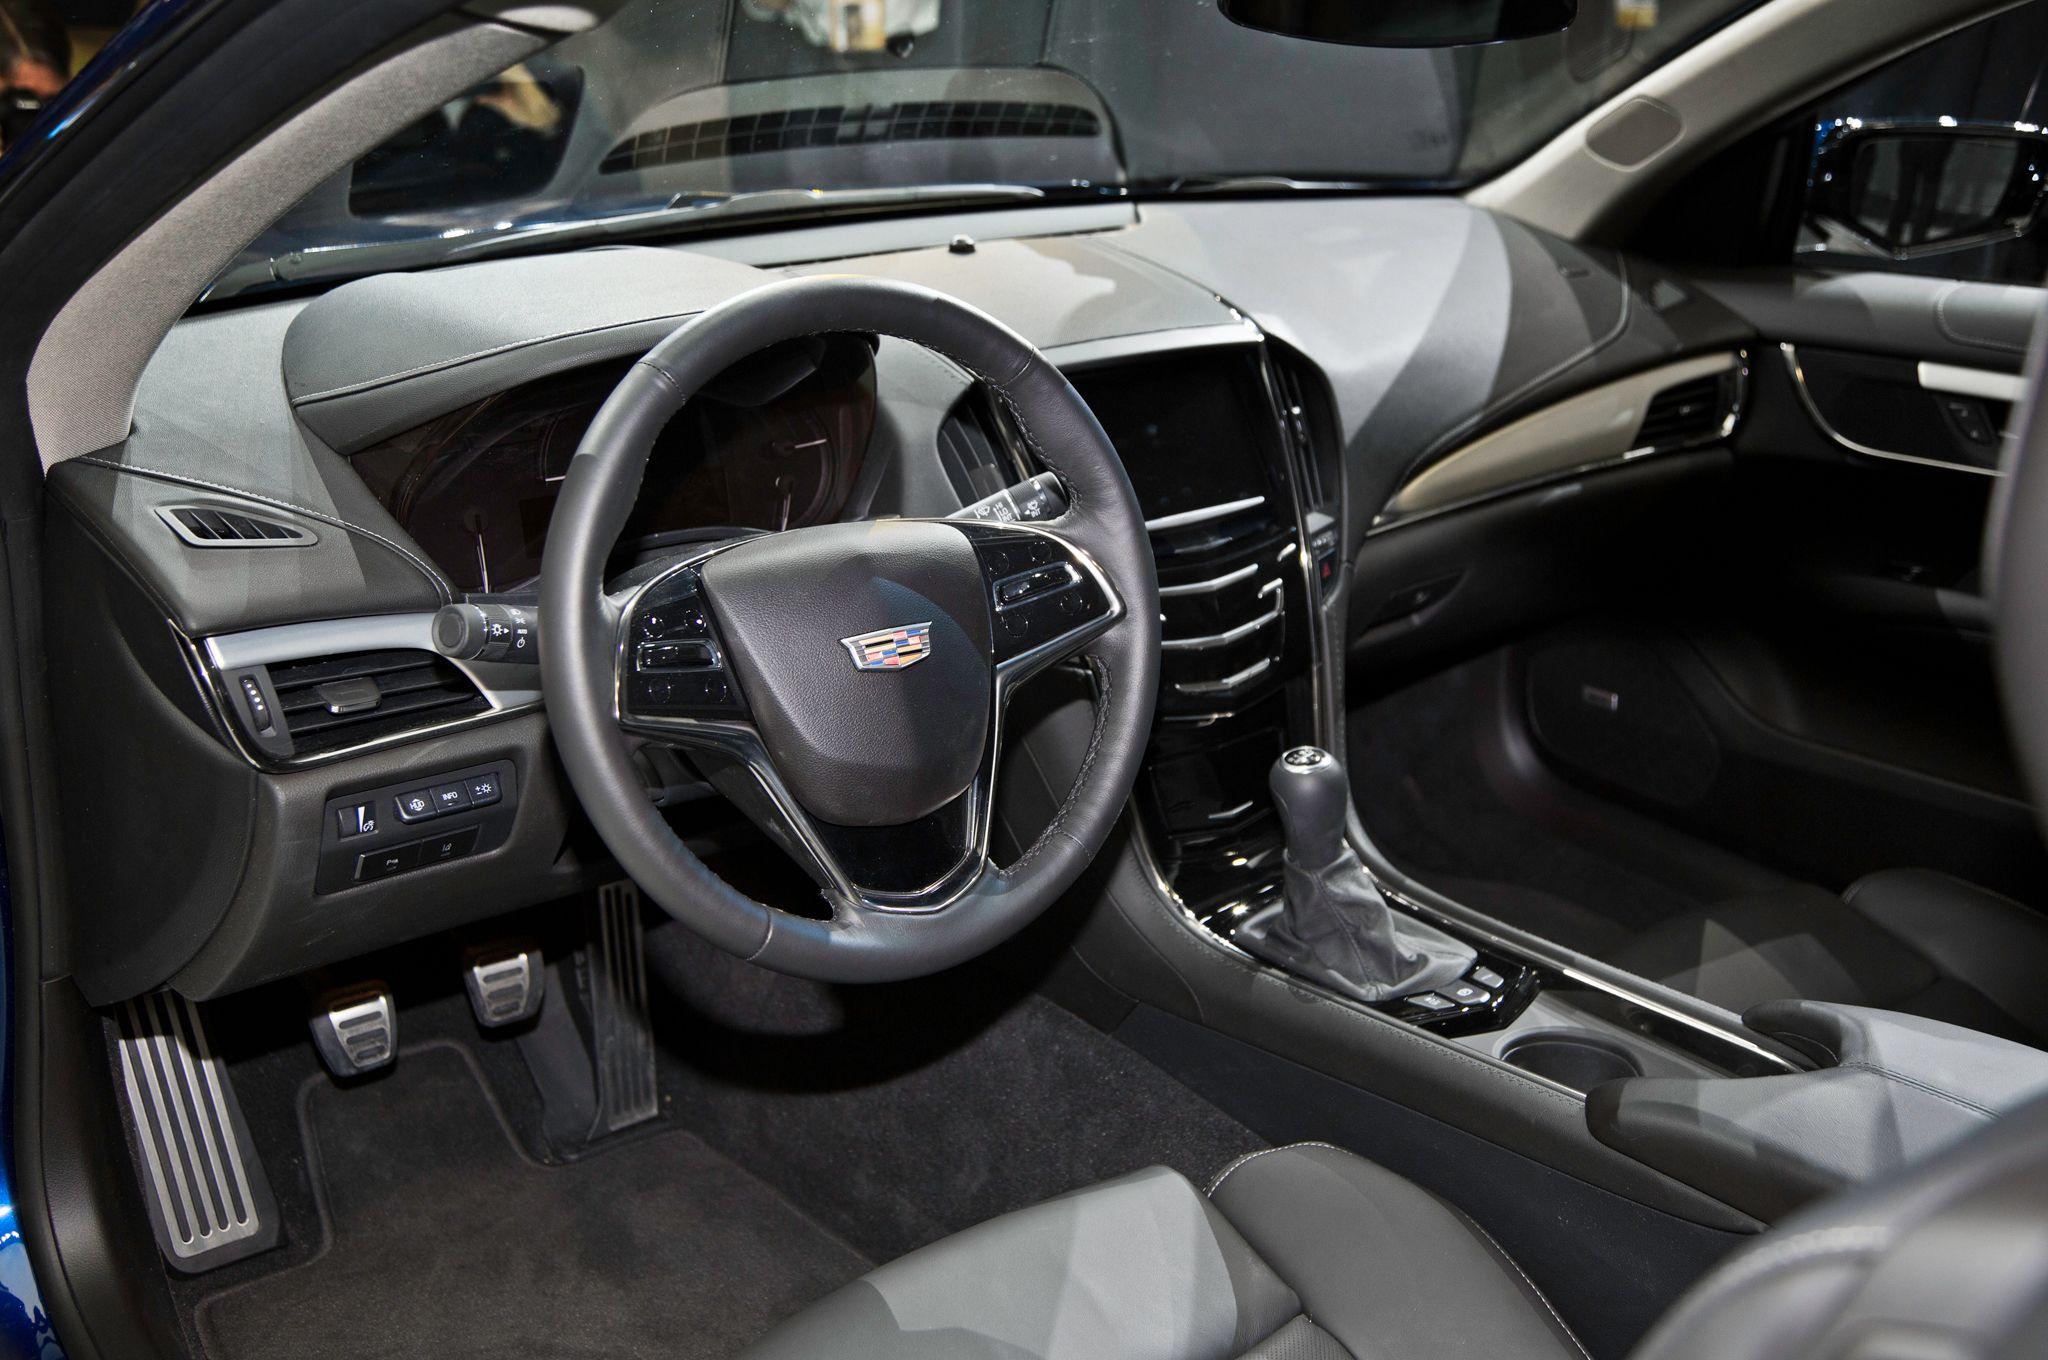 en news pages ats detroit list autoshows content coupe archive naias jan media us introduces detail cadillac sedan